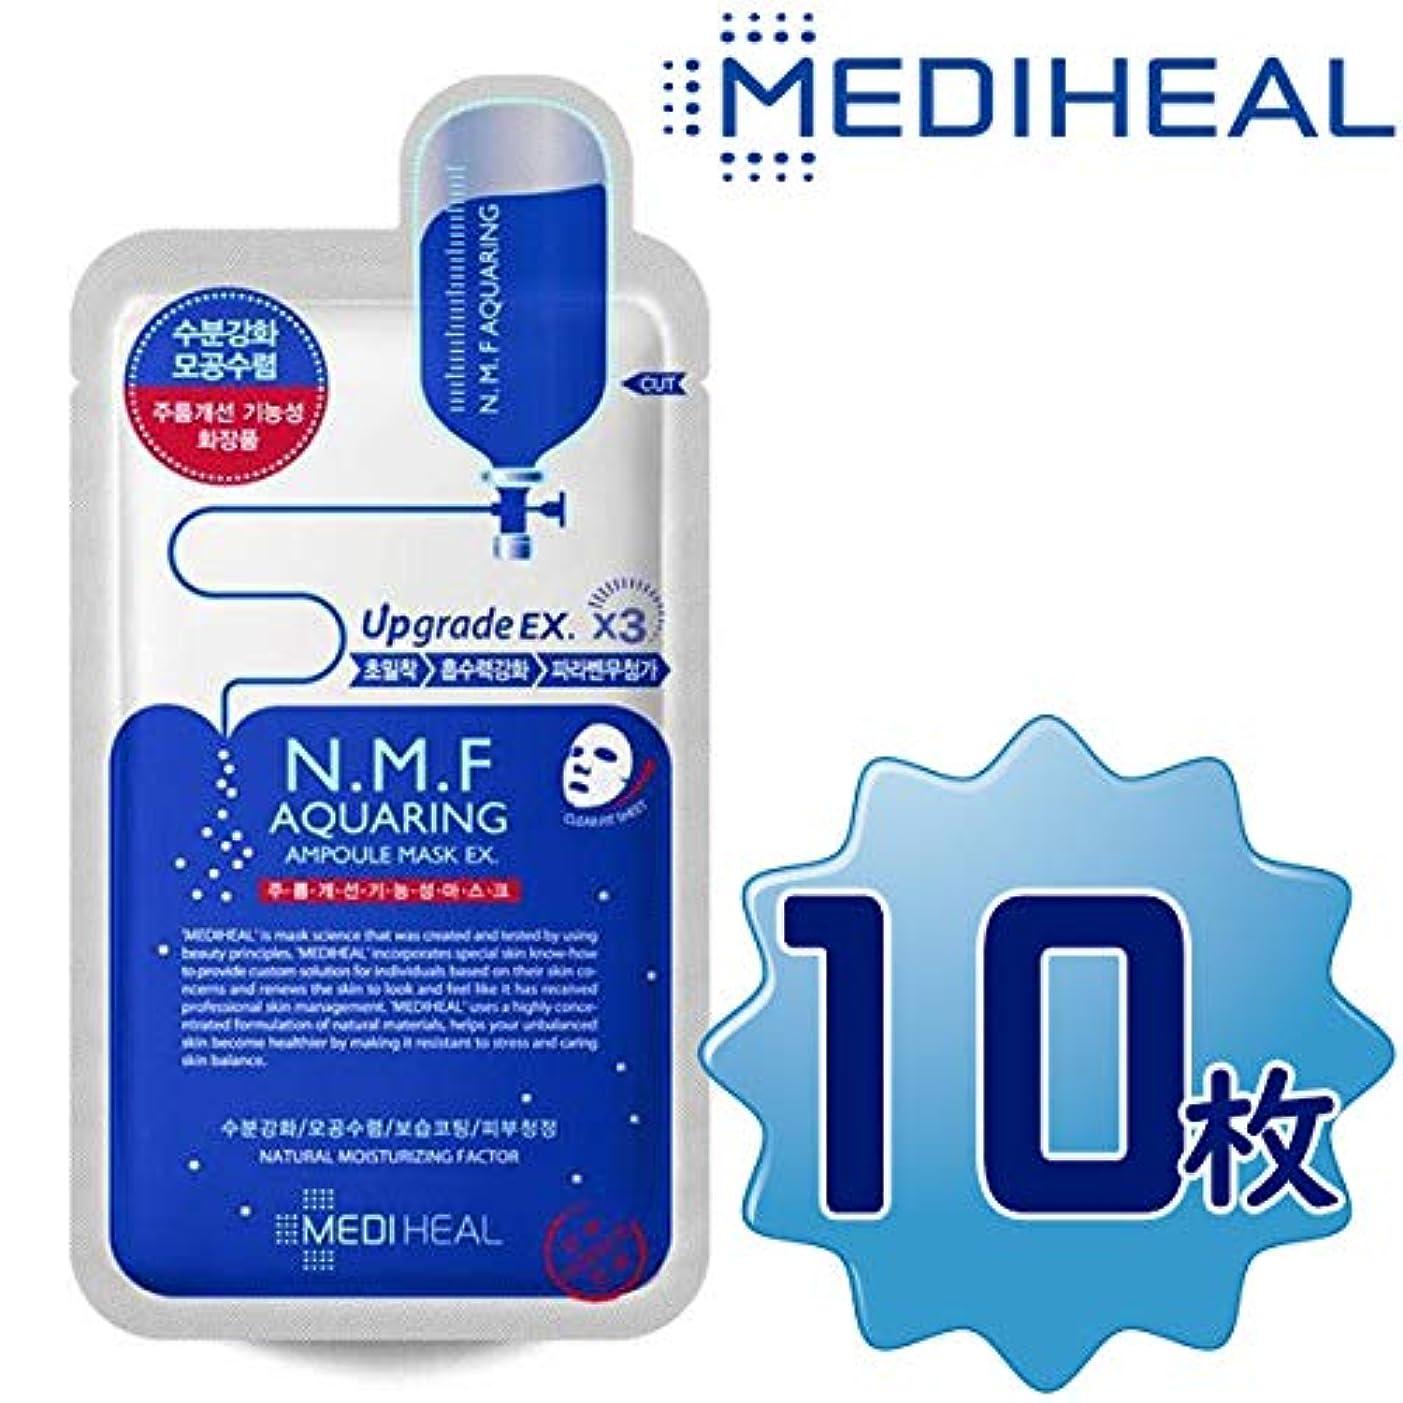 カバー飛行機飲み込む【正規輸入品】Mediheal メディヒール N.M.F アクアリング アンプル?マスクパックEX 10枚(Aquaring Ampoule Essential Mask PackEX (10sheet)